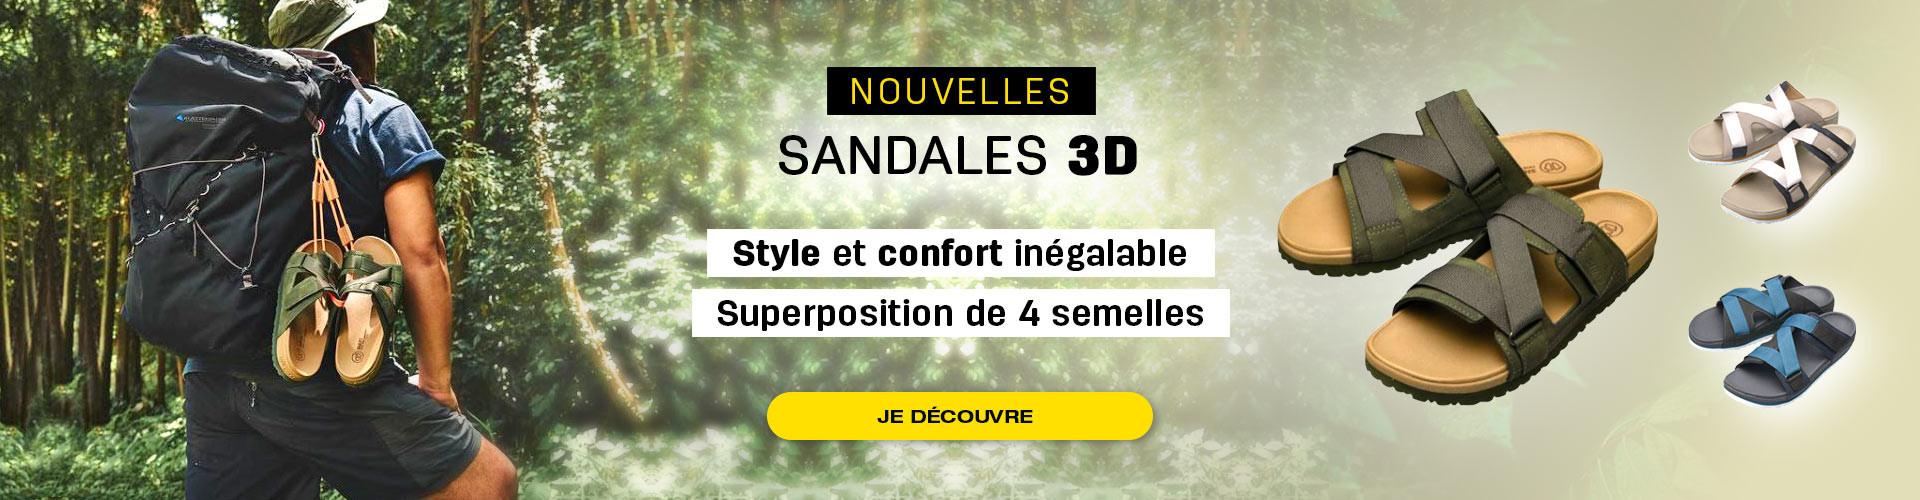 Sandales 3D avec semelles 4 couches alliant confort et style